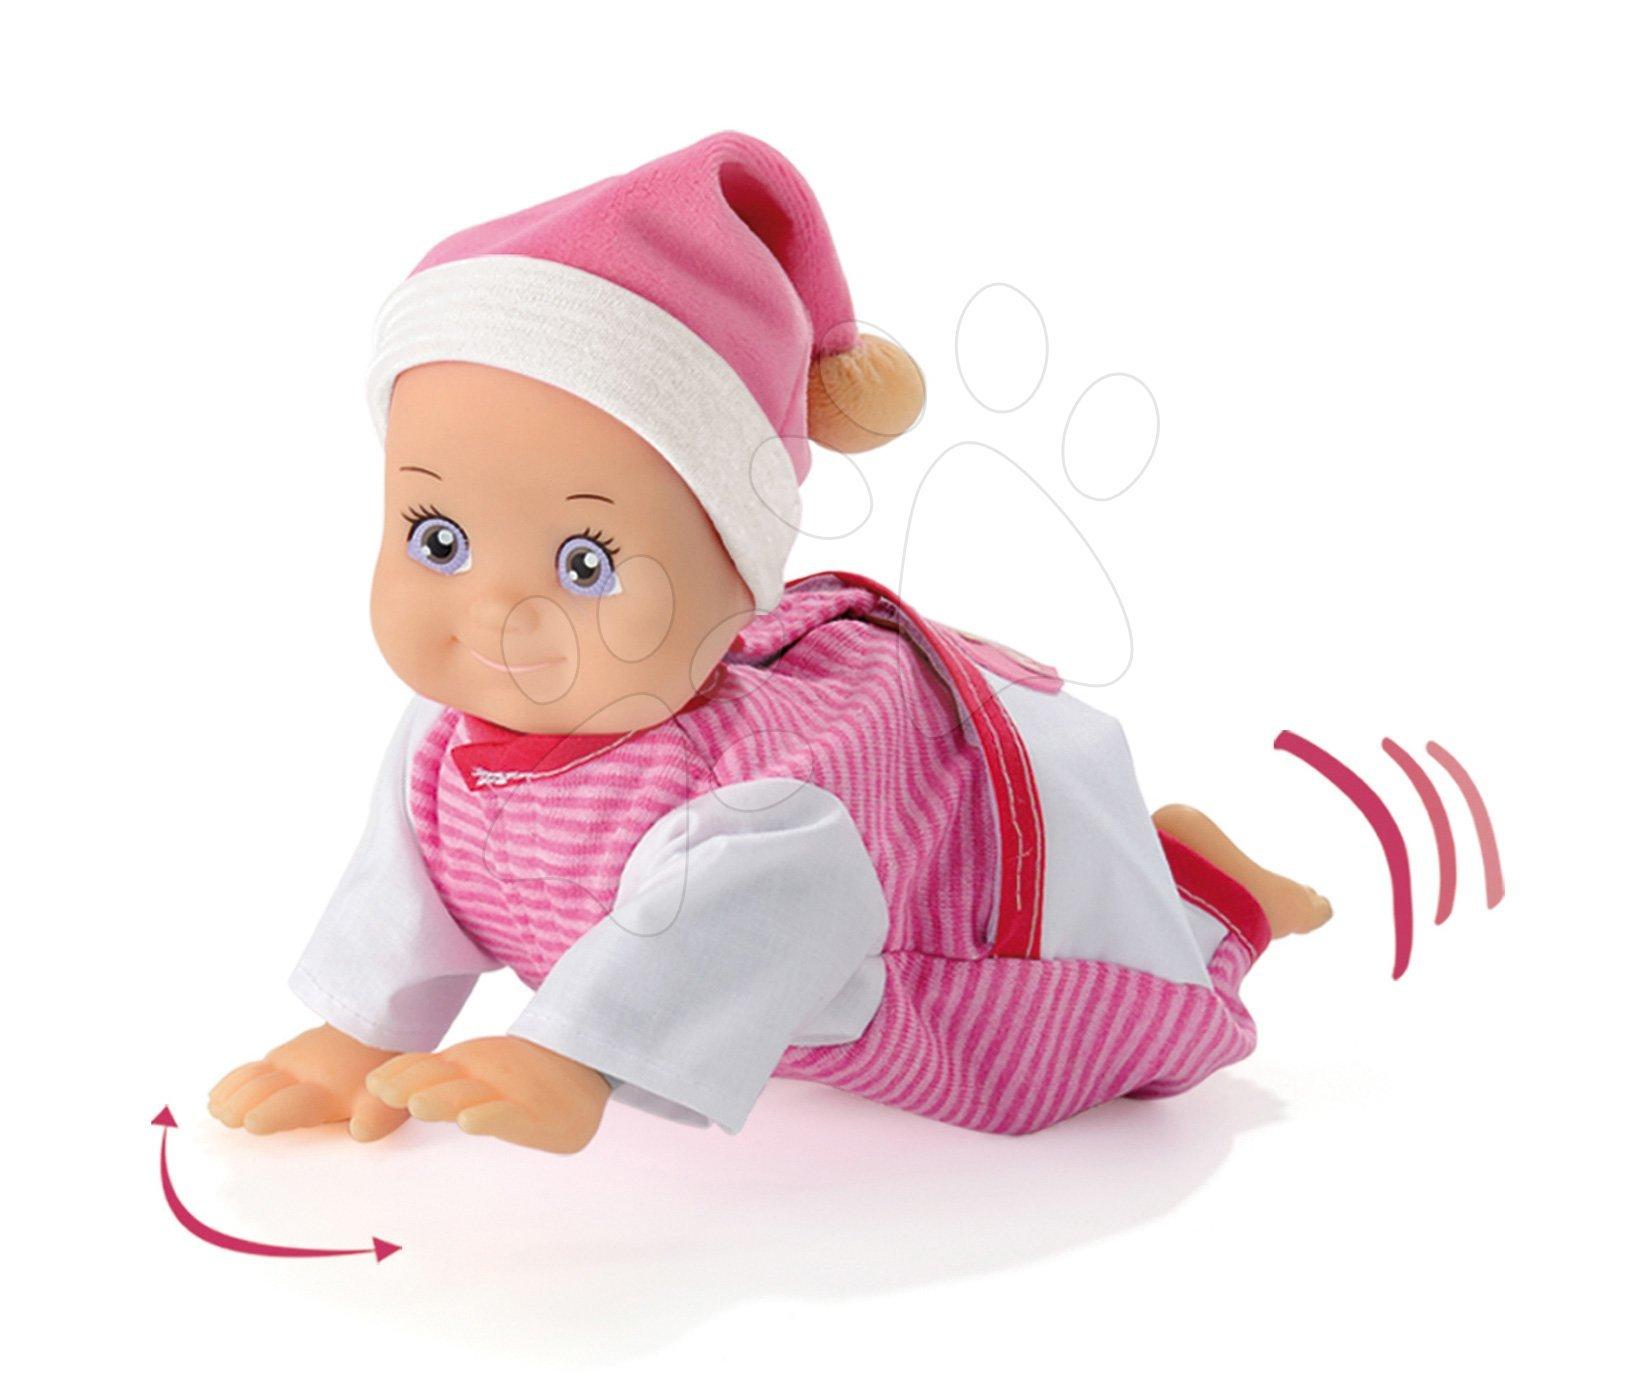 Játékbabák 9 hónapos kortól - Játékbaba hanggal MiniKiss Smoby mászó 27 cm 12 hó-tól